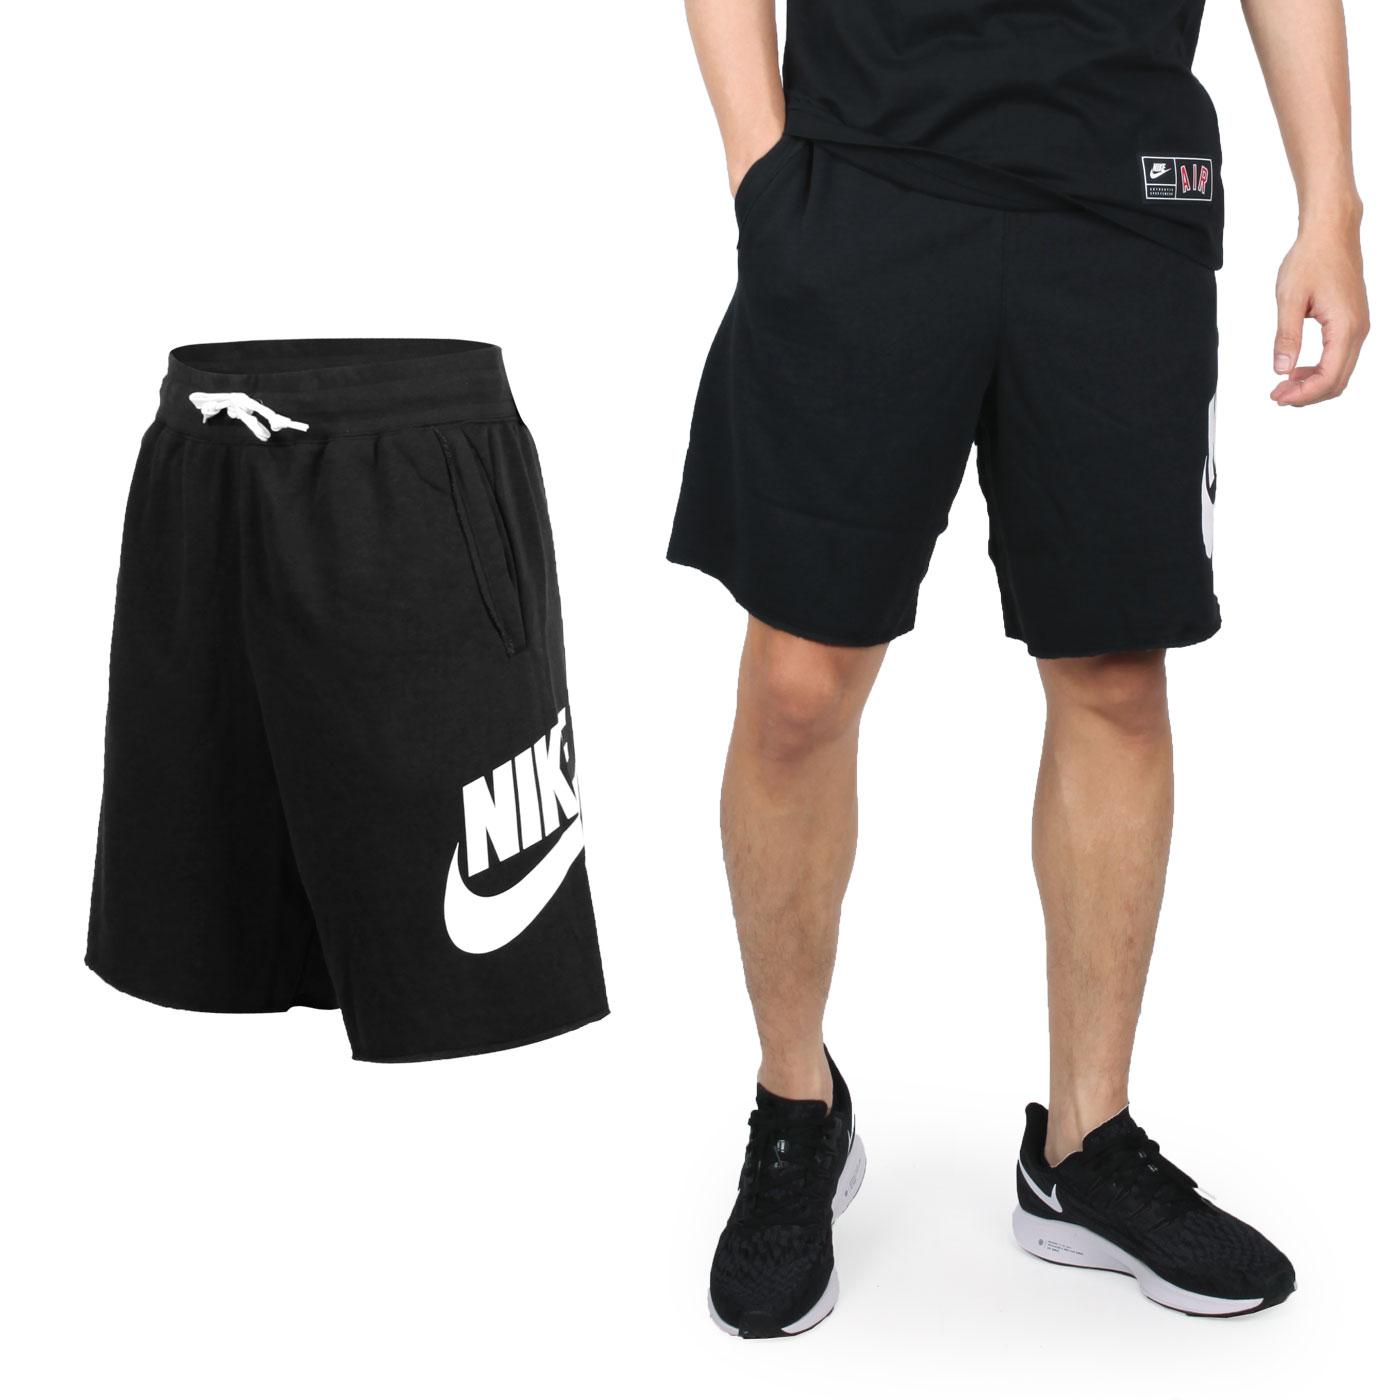 NIKE 男款休閒針織短褲 AR2376010 - 黑白